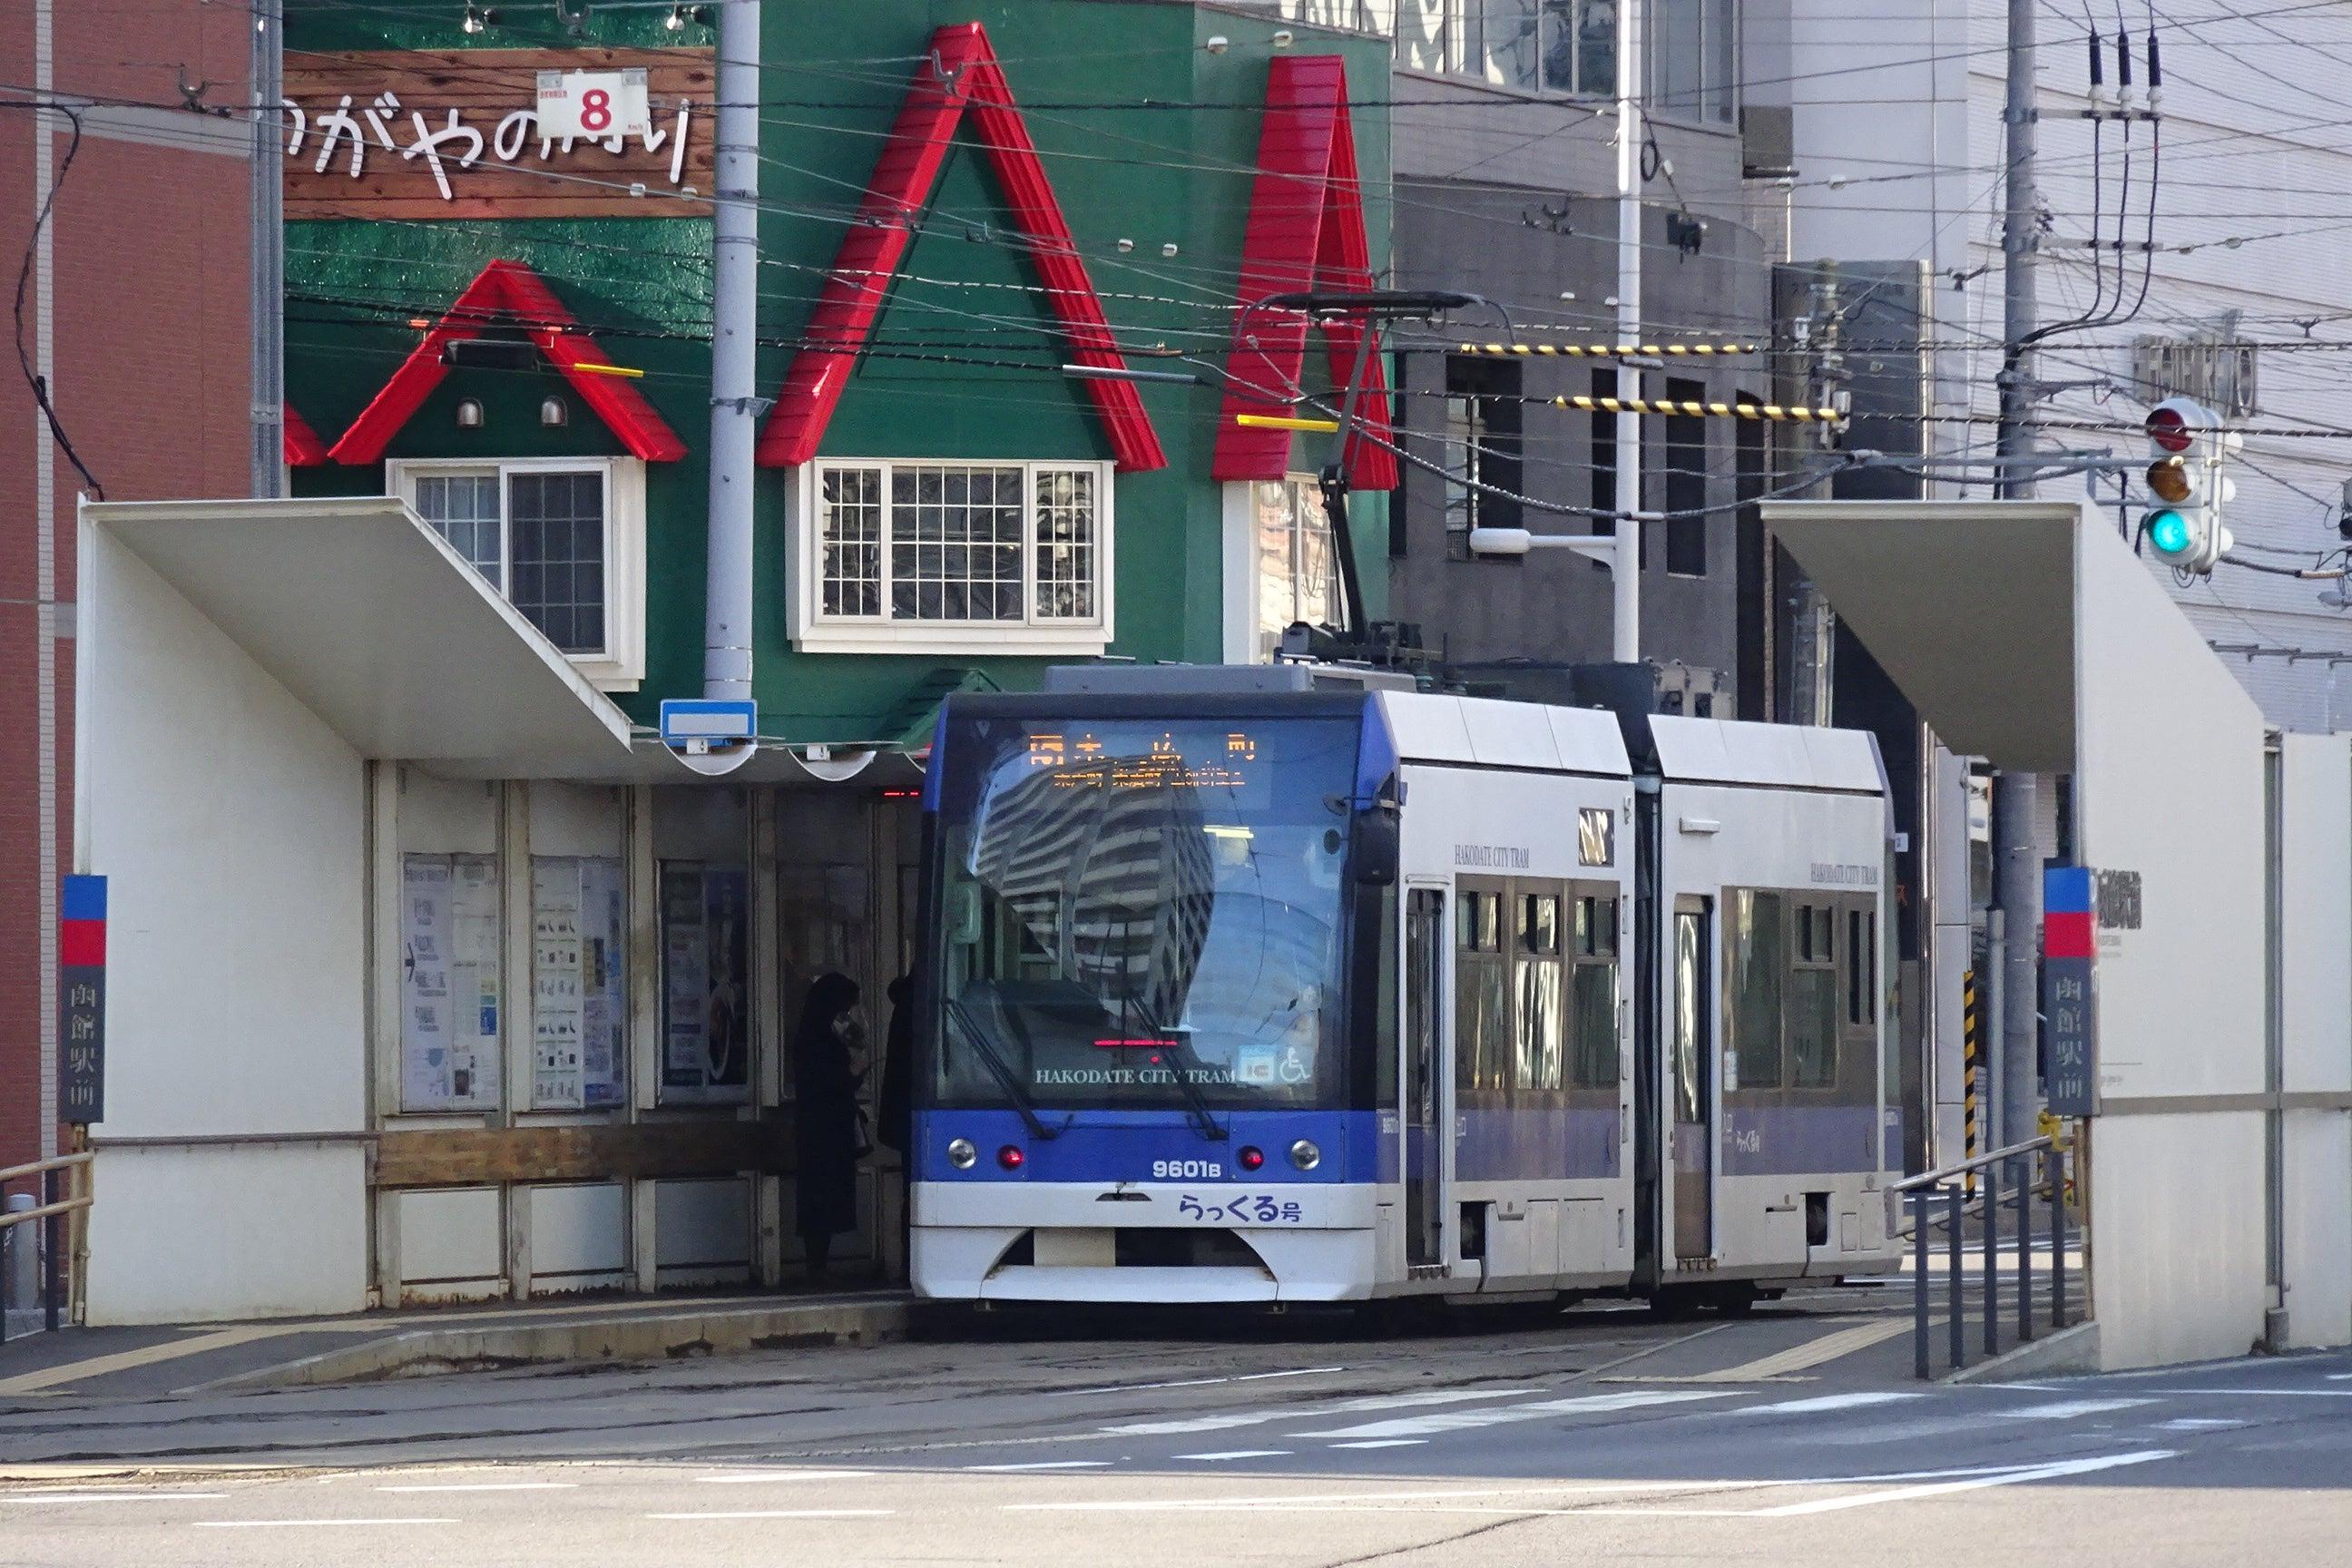 2020/3/17 函館バス運用狀況 | 札幌圏JR編成記録と道內中心バス記録